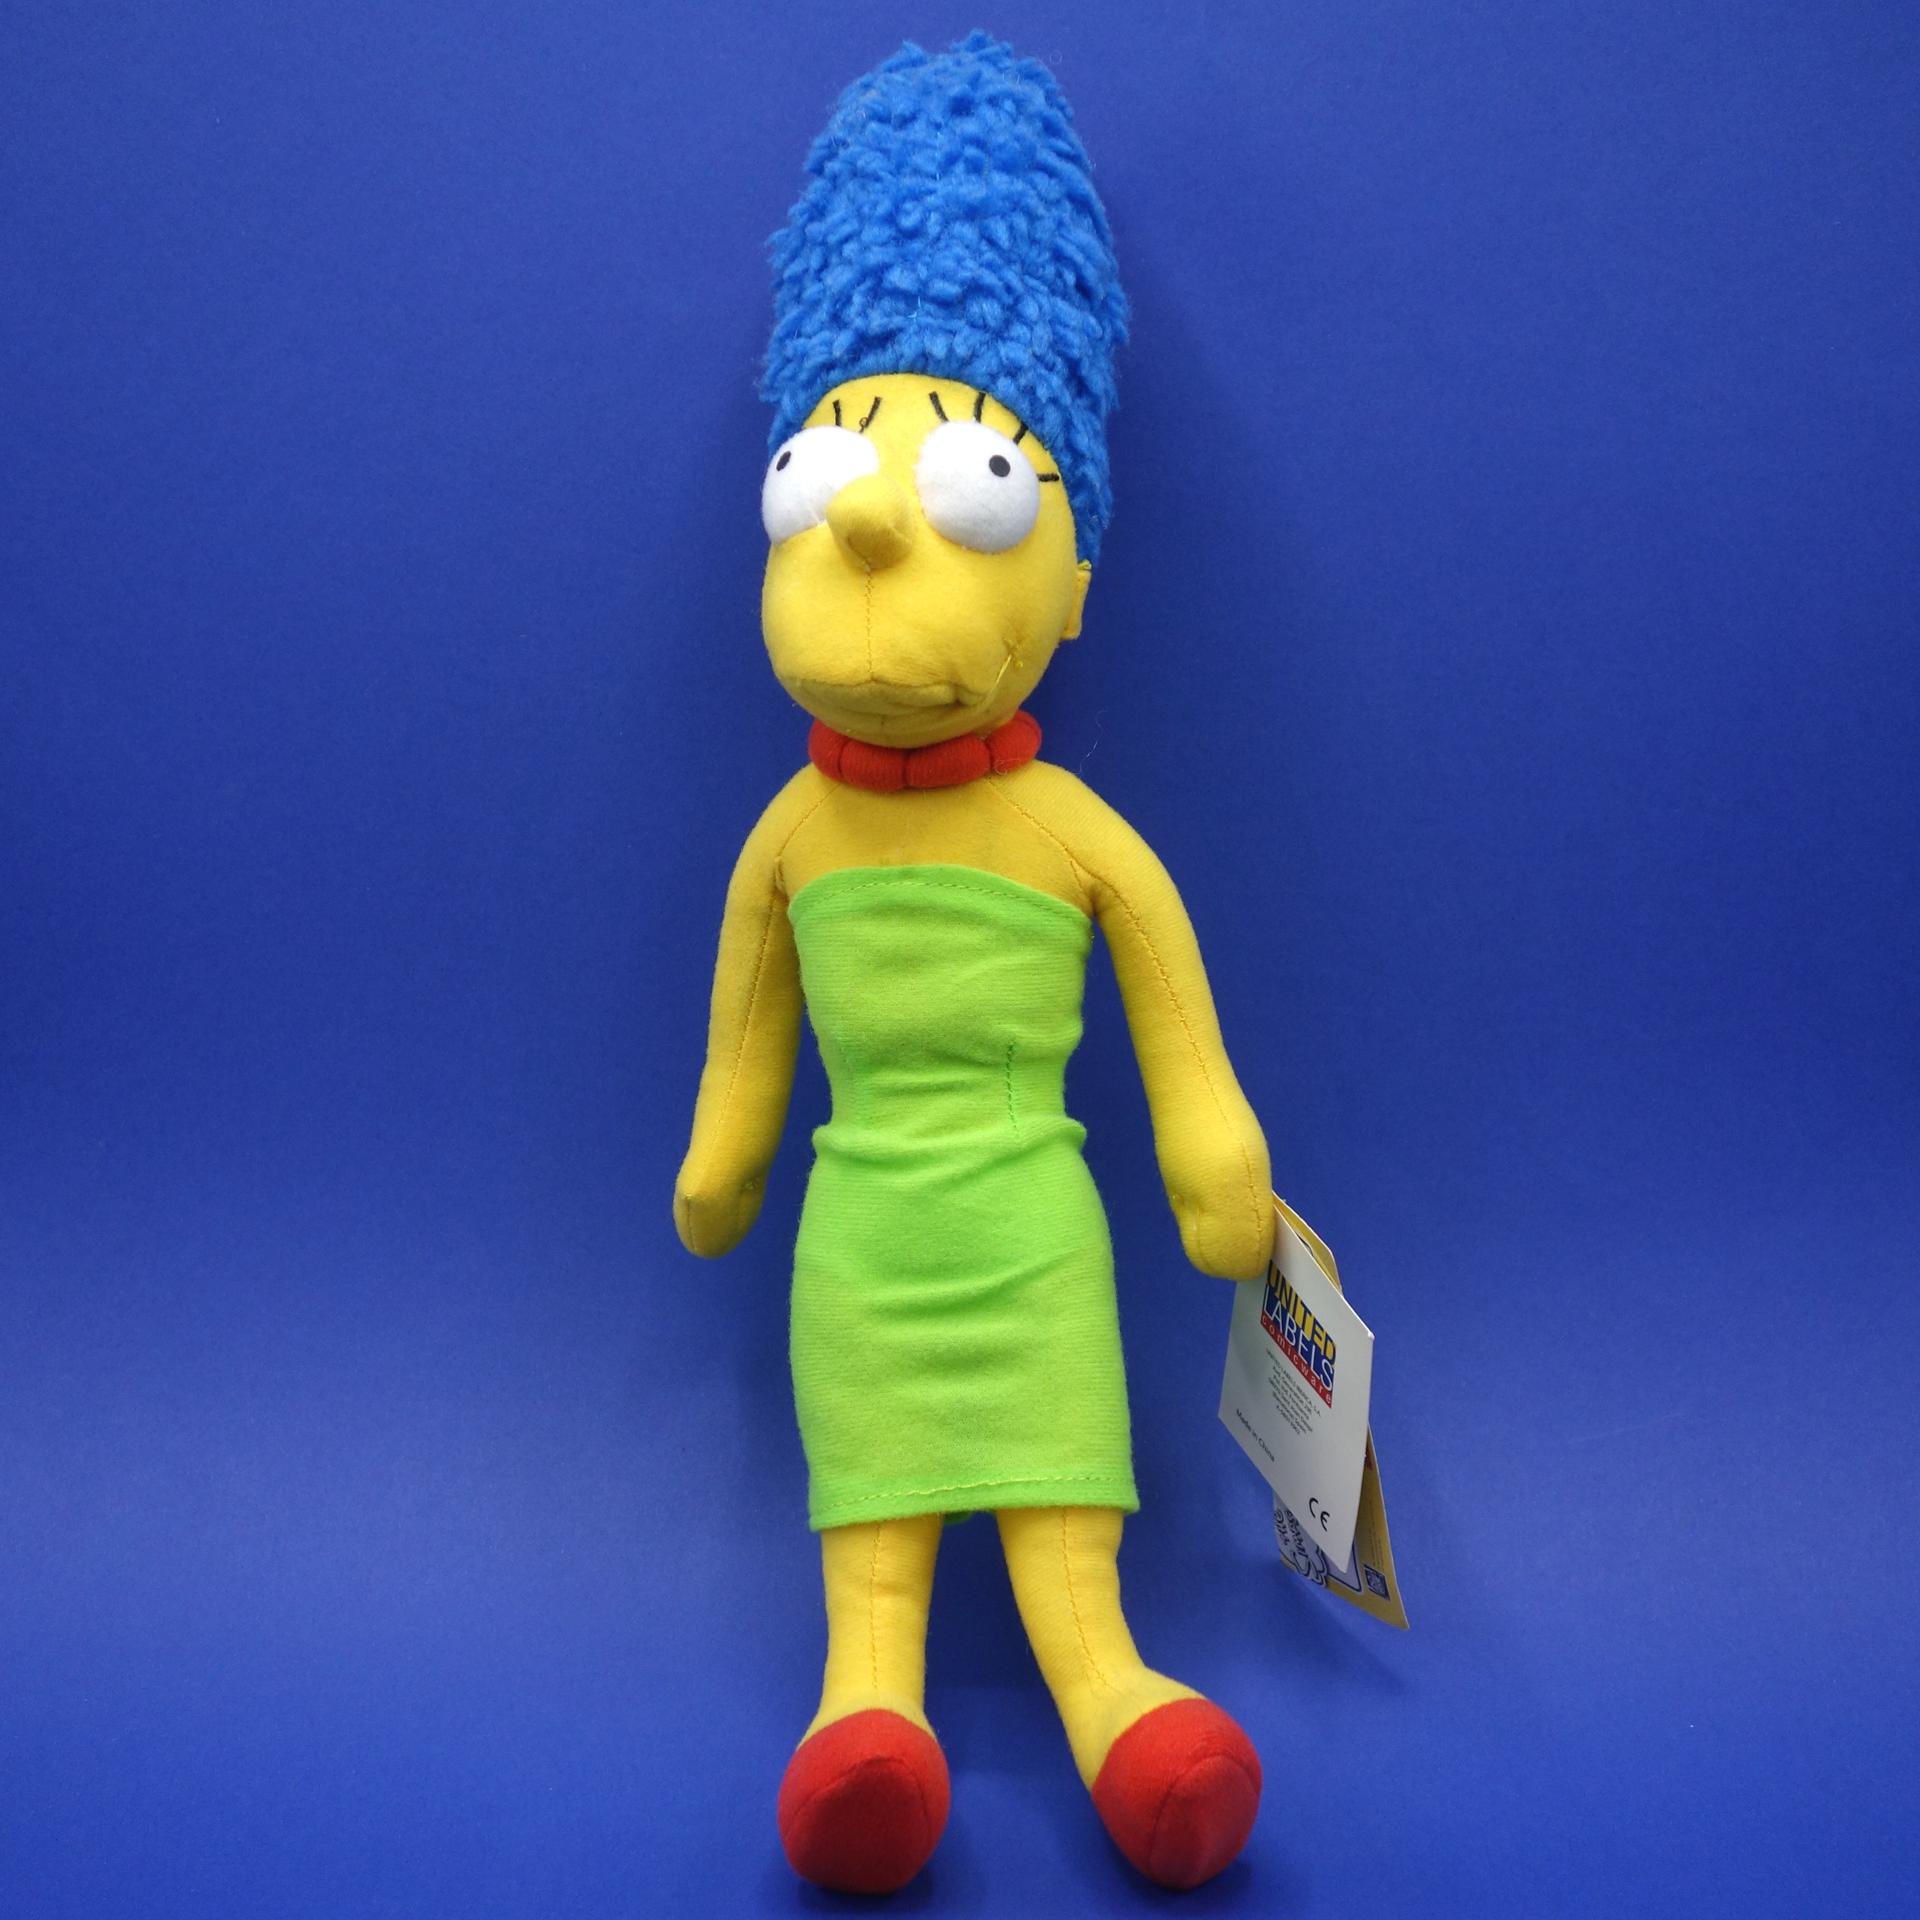 Marge Simpson Plüsch Figur The Simpsons